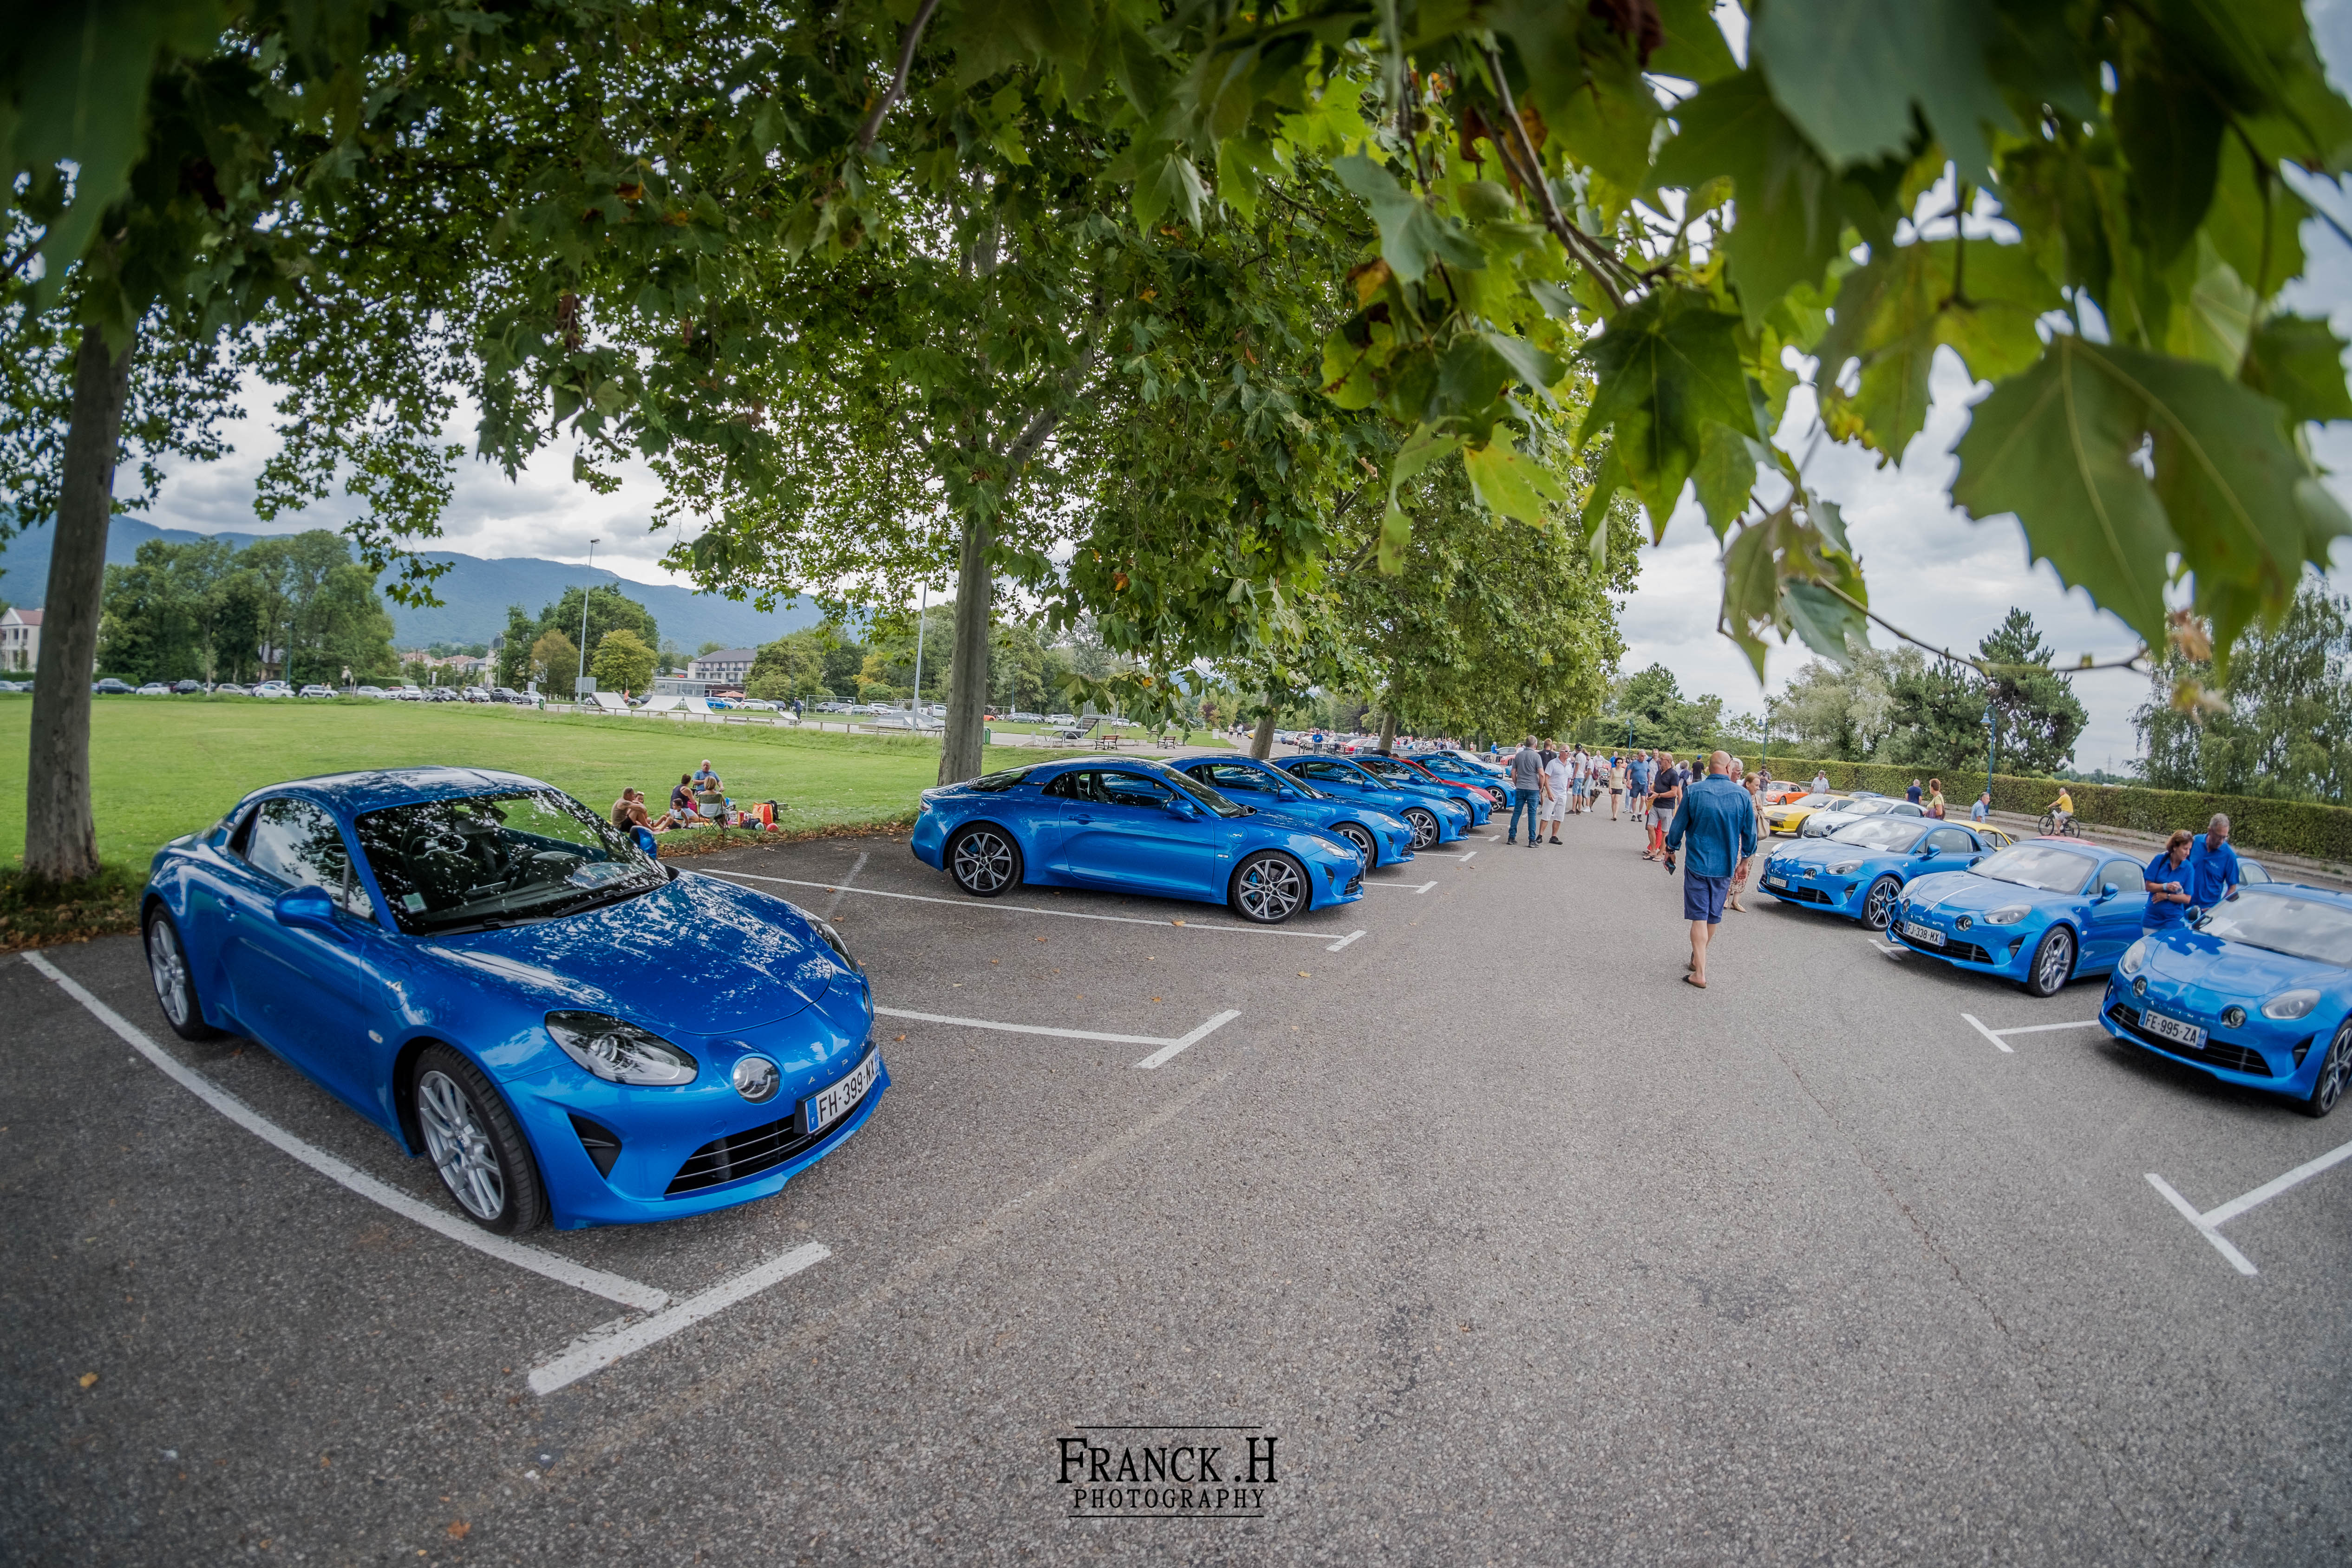 1ère Rencontre Franco Suisse Alpine A110 Divonne Franck H Photography 56 | 1ère Rencontre Franco-Suisse Alpine par Franck H Photography